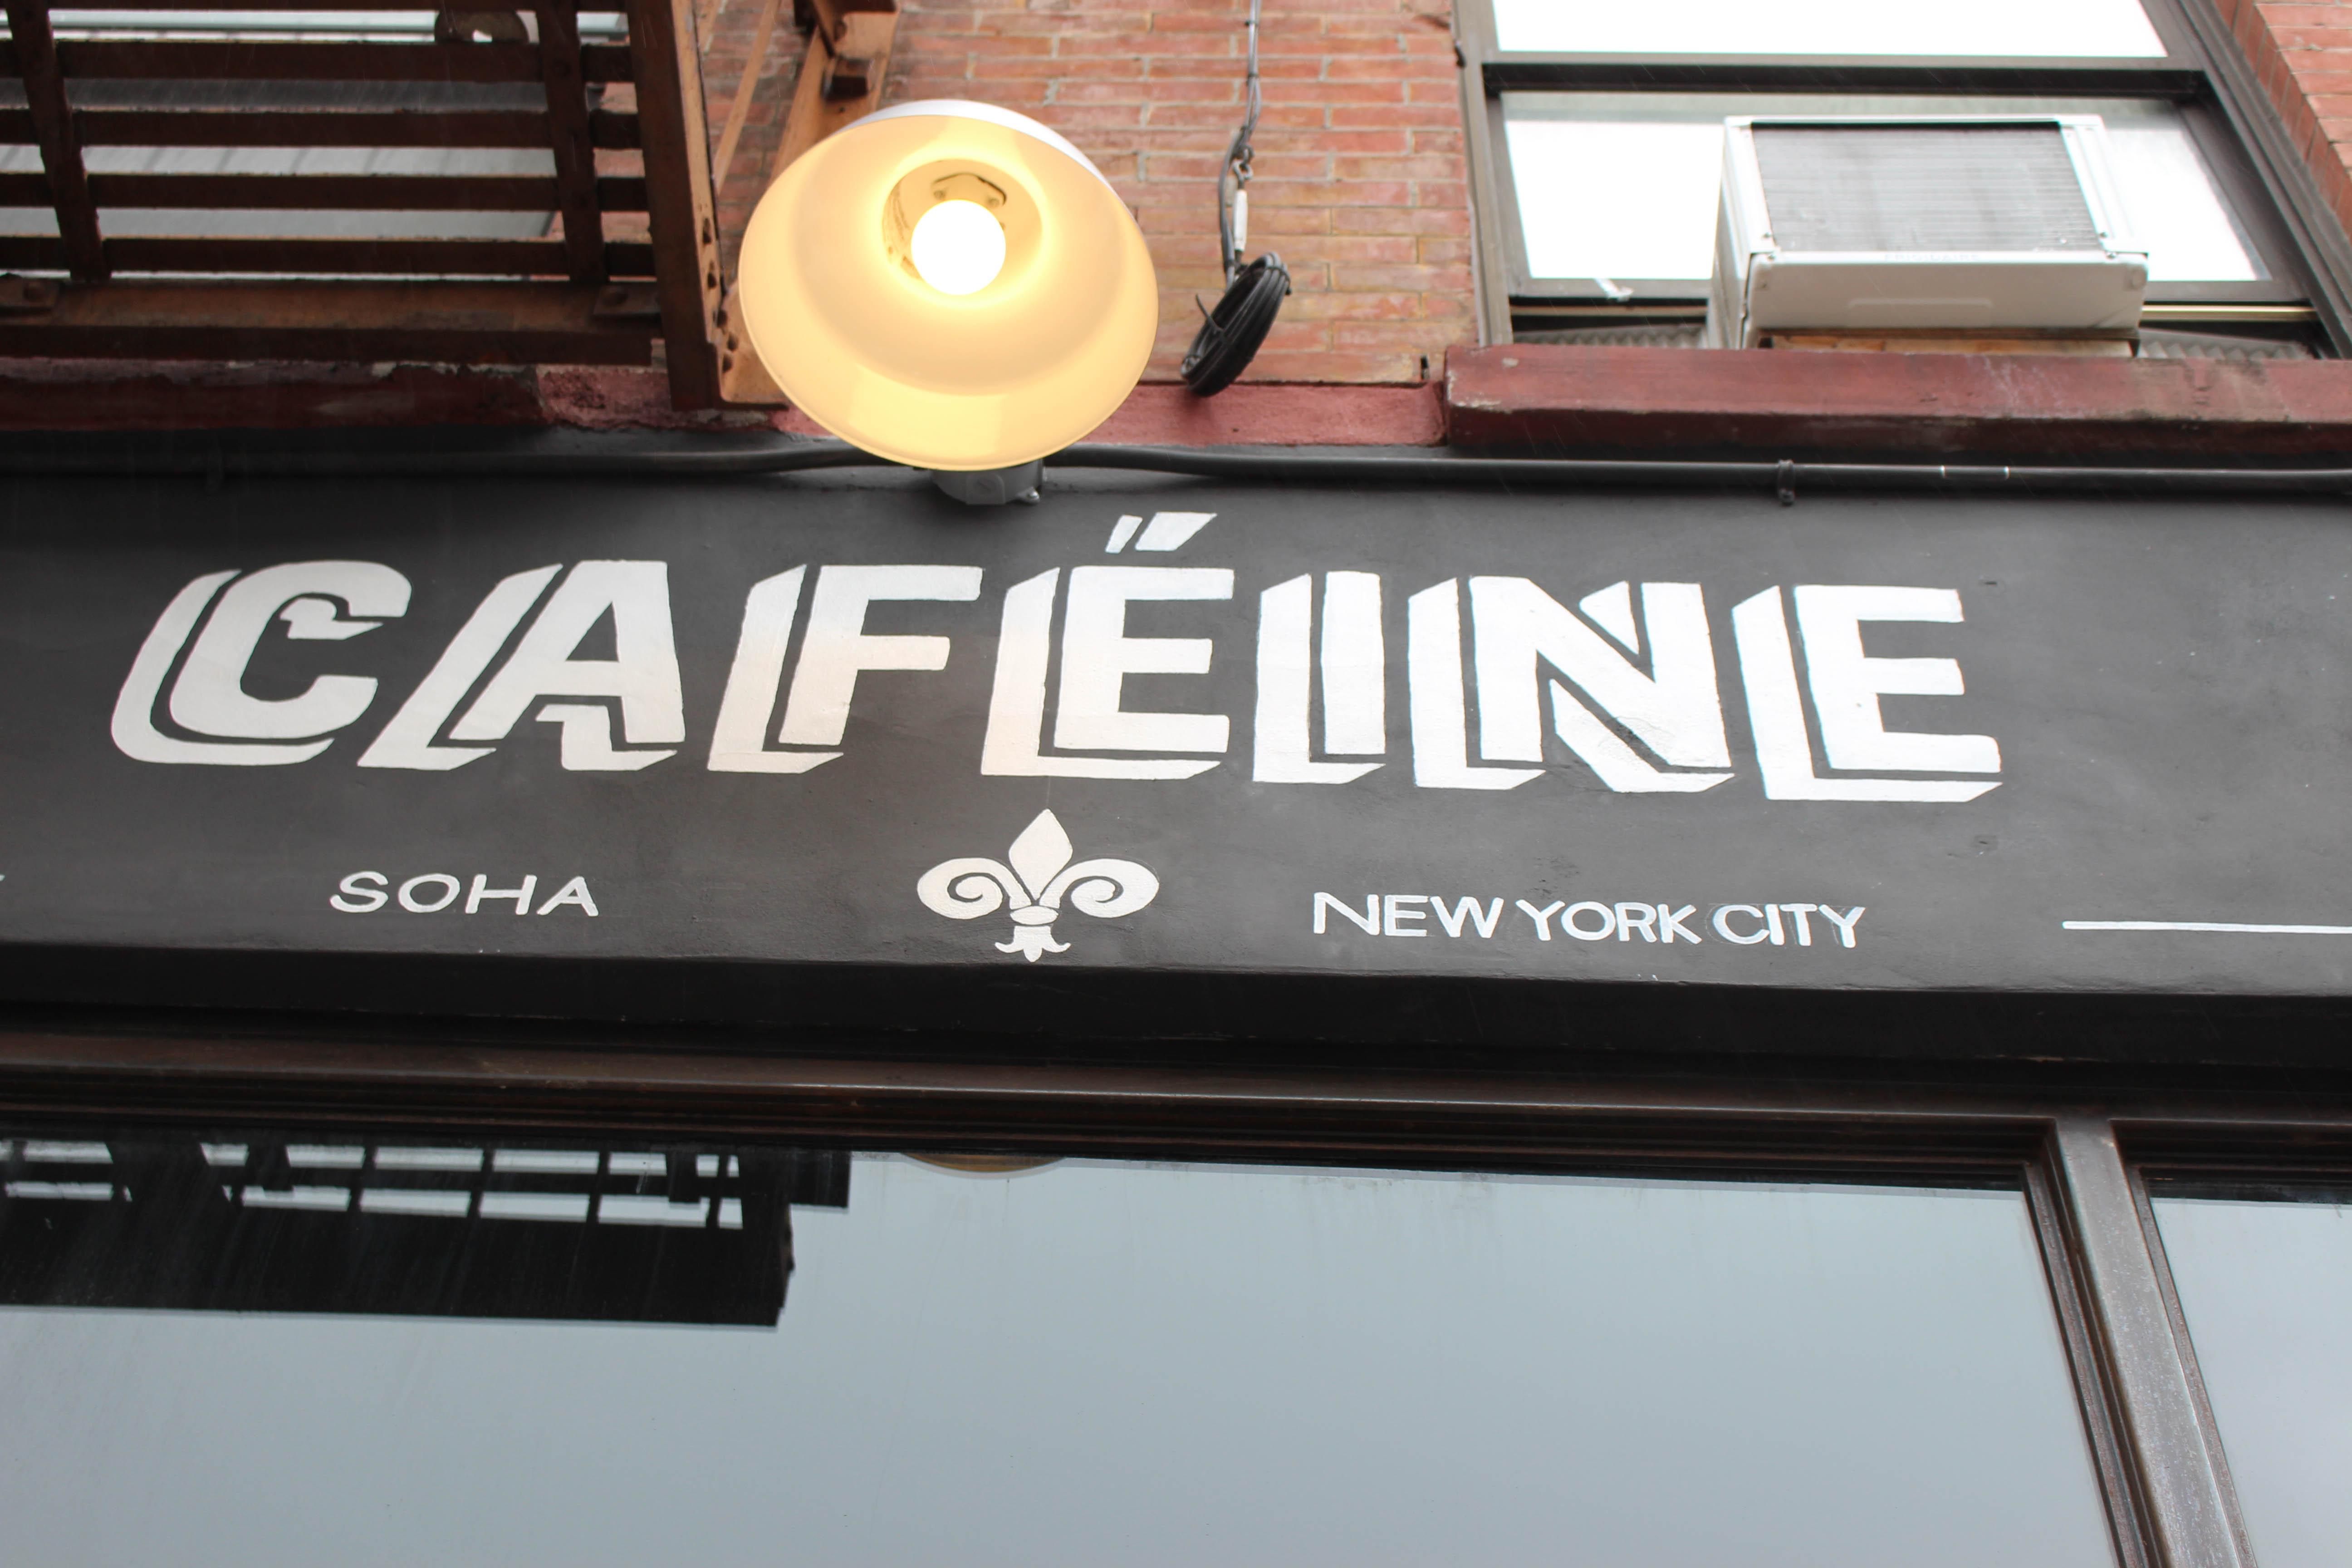 Caféine, uno dei caffè che hanno adottato il nome di SoHa. Foto di Ignacio Rullansky (2017).